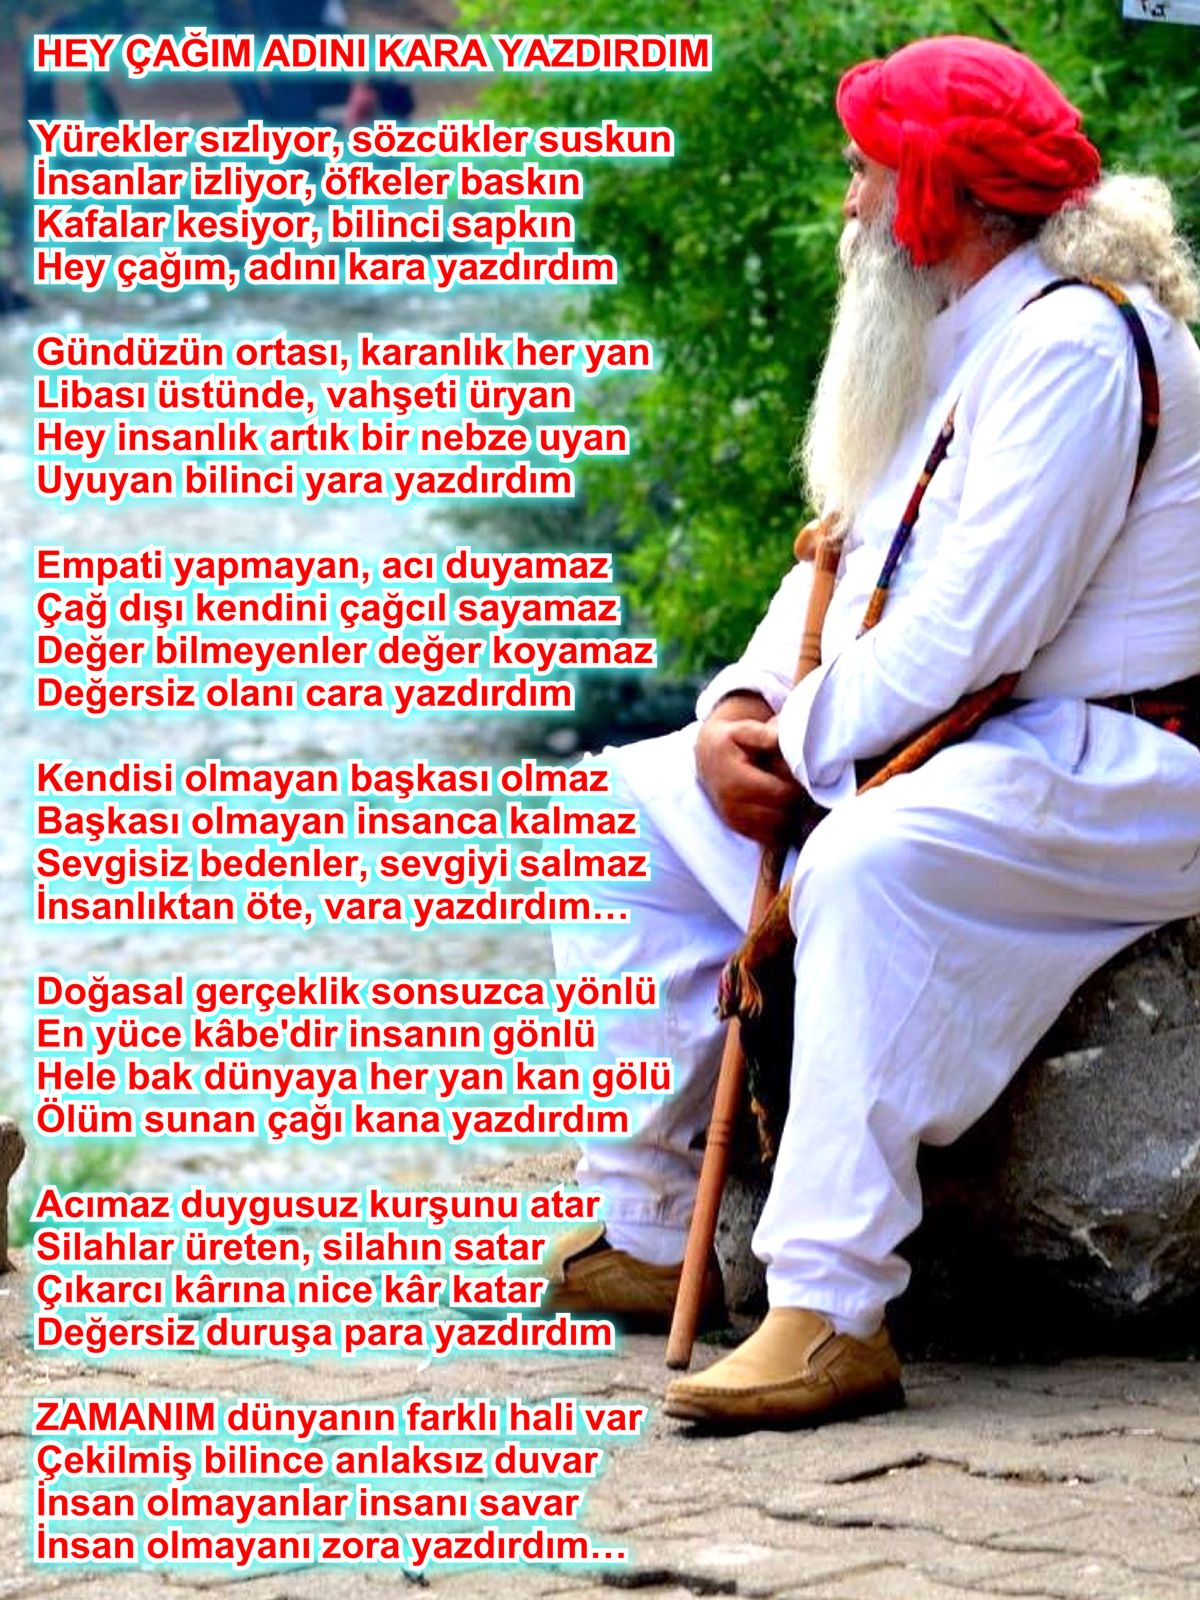 Alevi Bektaşi Kızılbaş Pir Sultan Devrimci Aleviler Birliği DAB yazdirim zaman